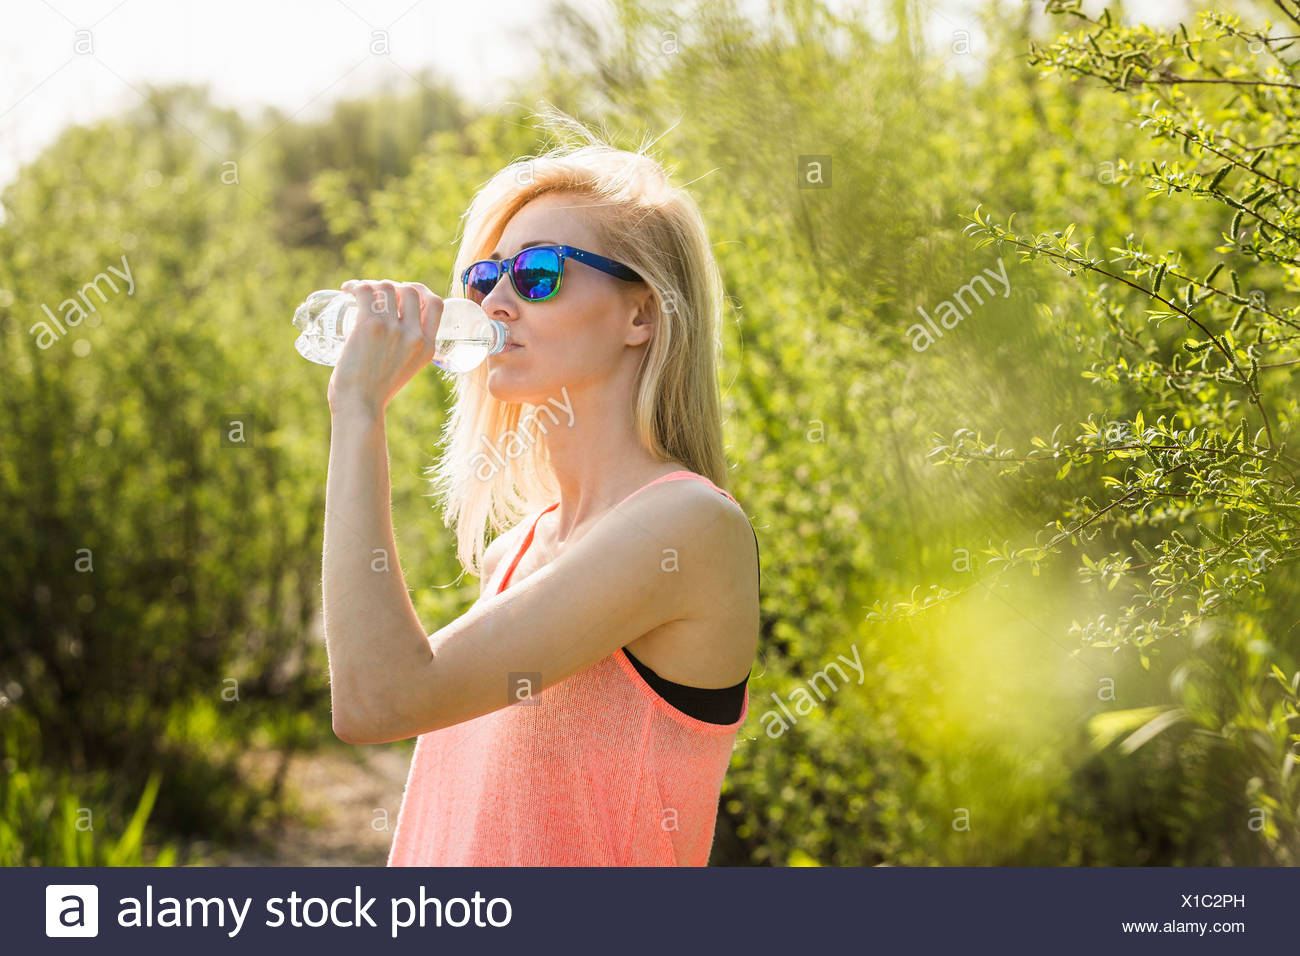 Junge Frau im Park, die Flasche Wasser trinken Stockbild